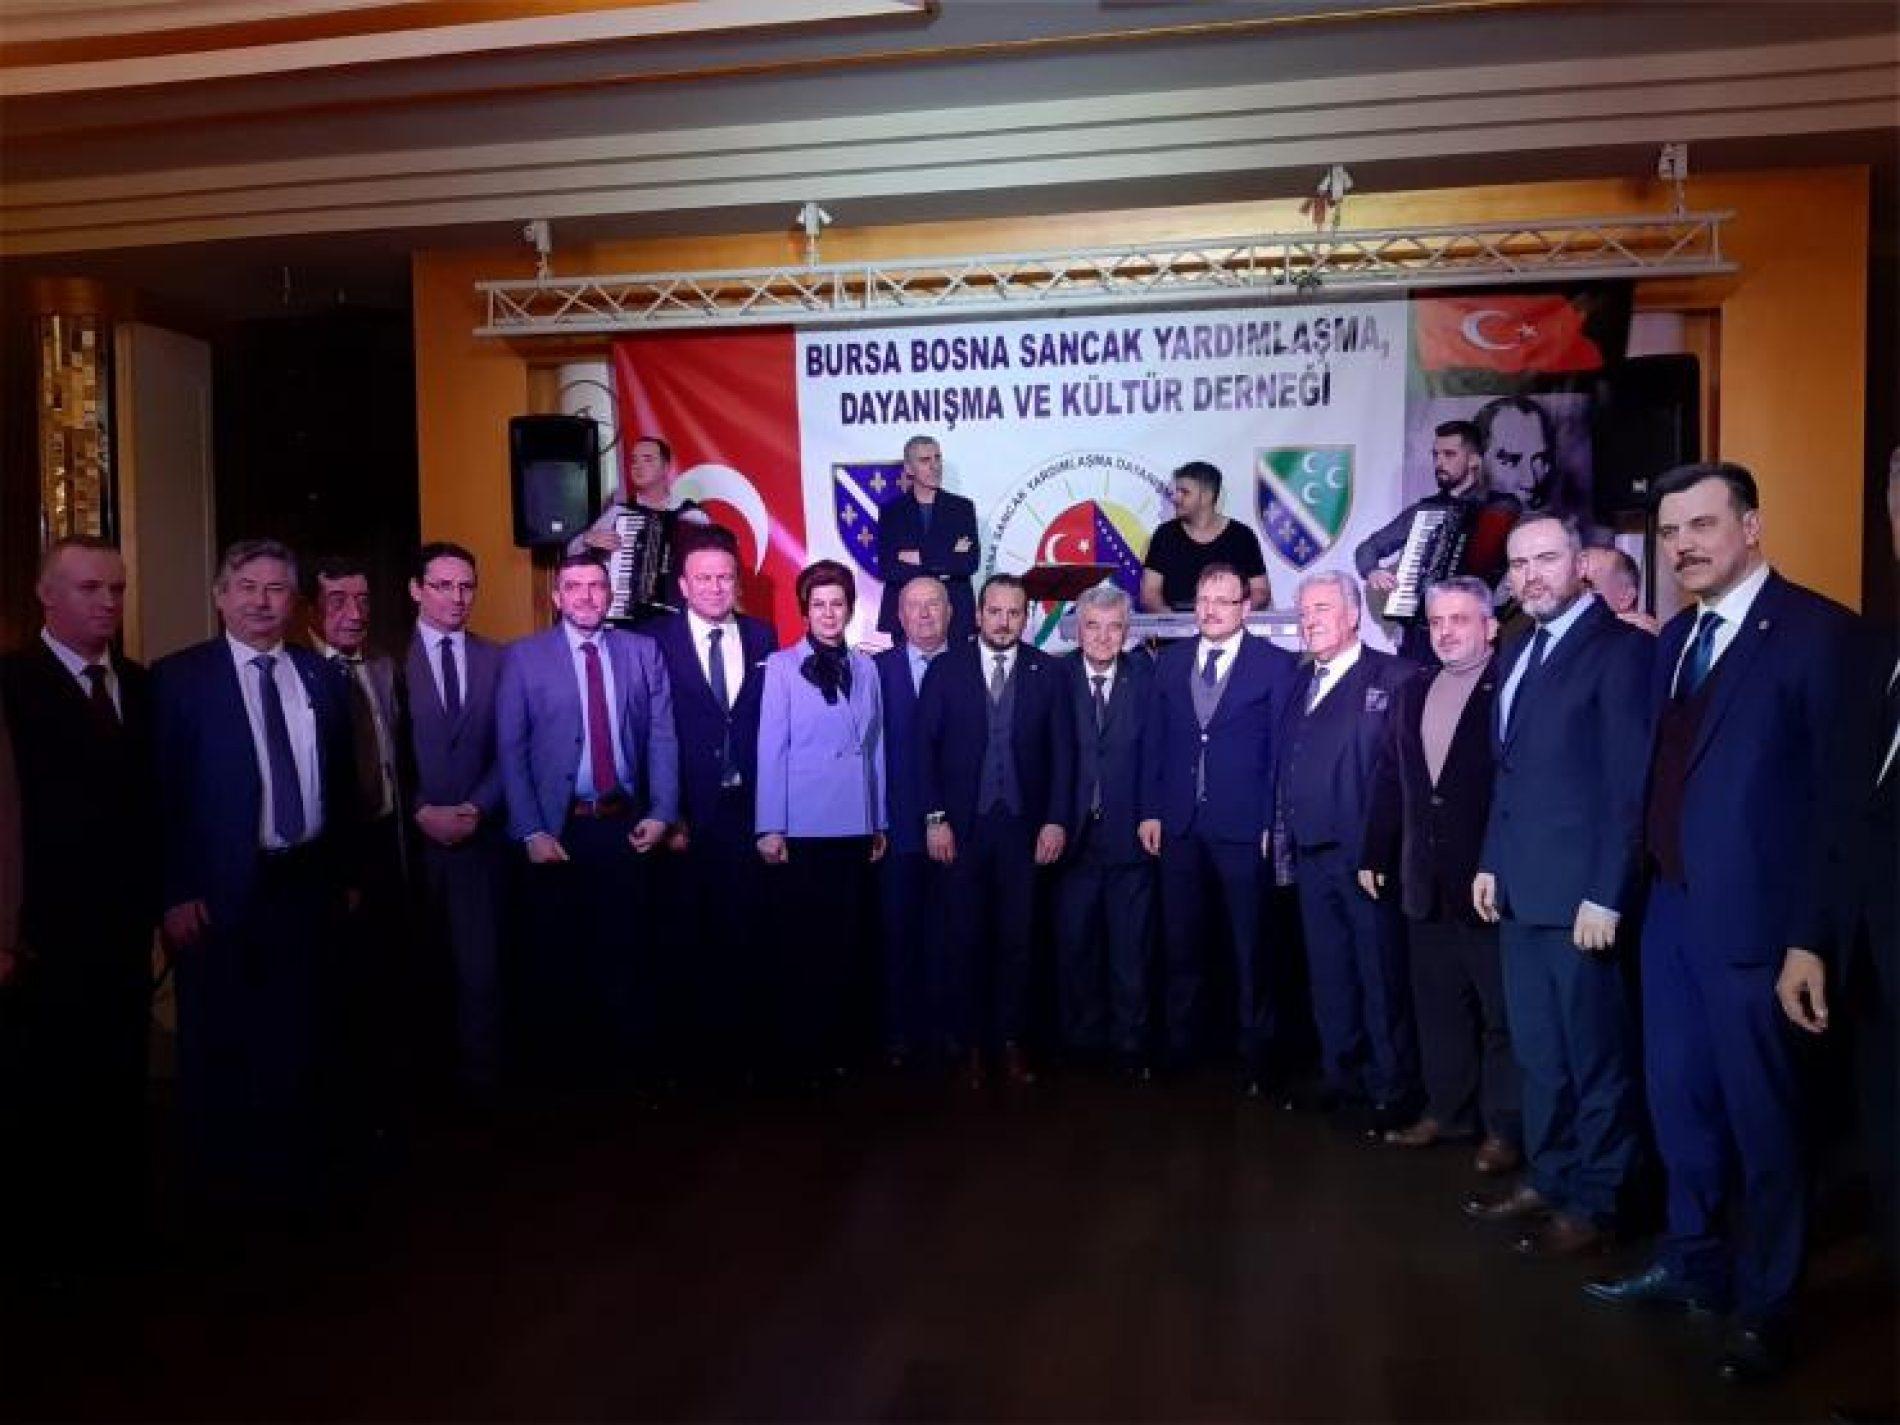 Saradnja Bošnjačkog nacionalnog vijeća i grada Burse